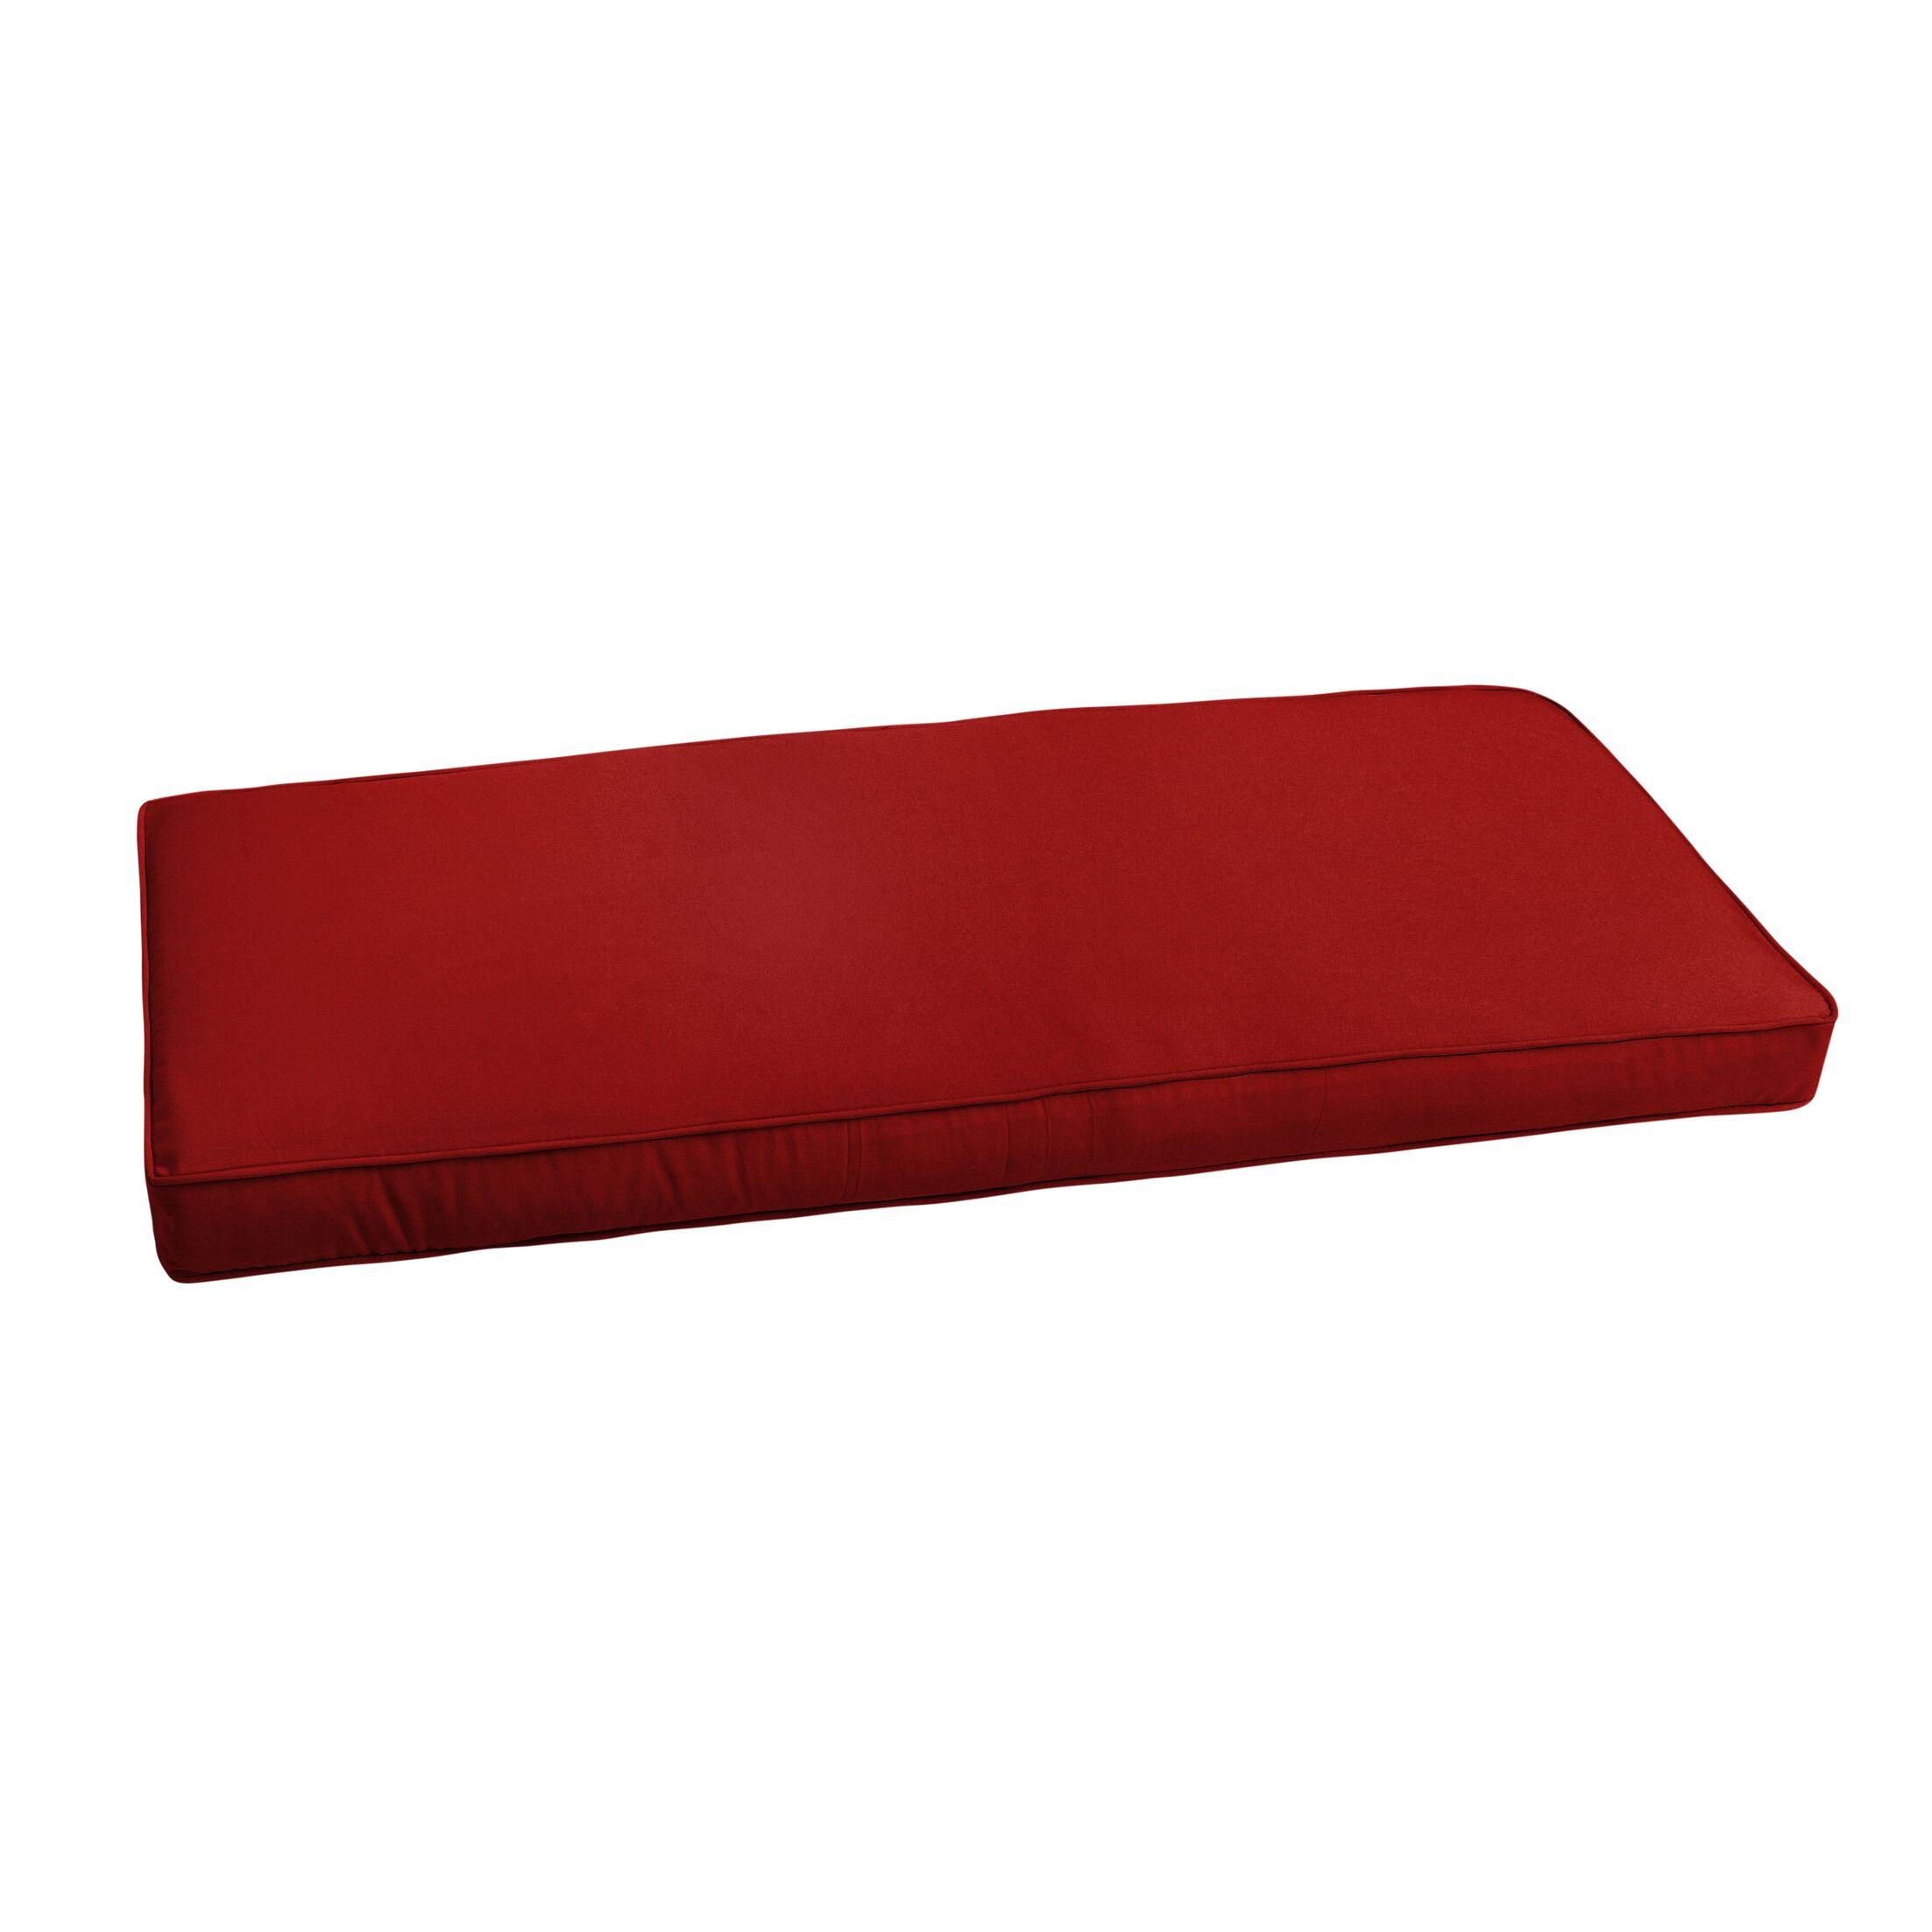 Outdoor Sunbrella Bench Cushion Size: 47.5